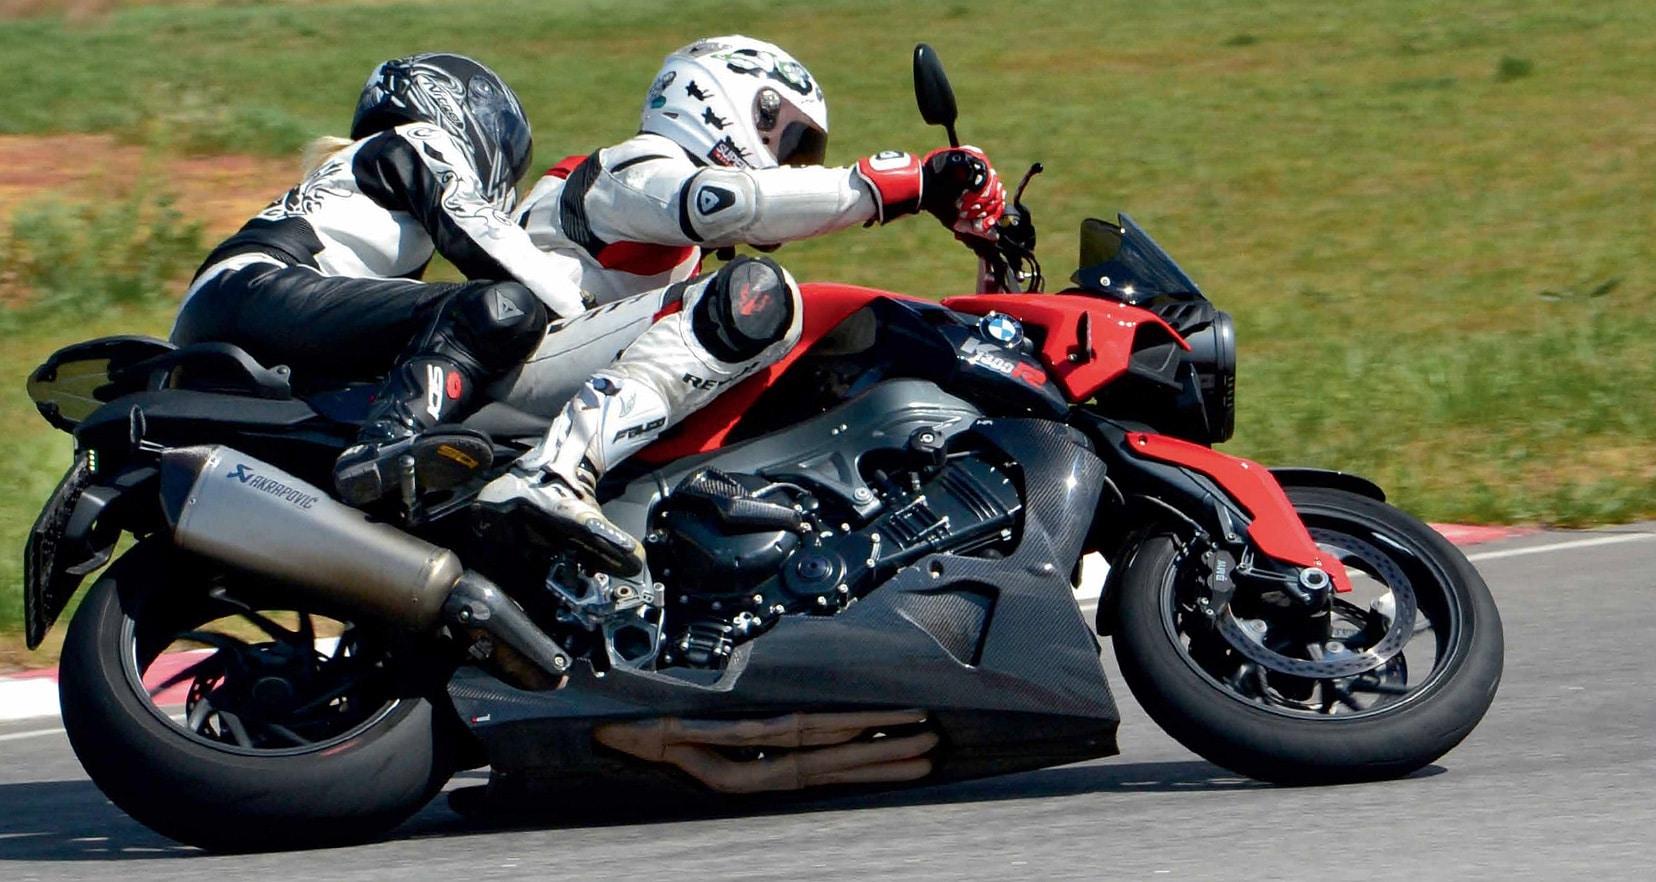 Как ездить на спортивном мотоцикле вдвоём